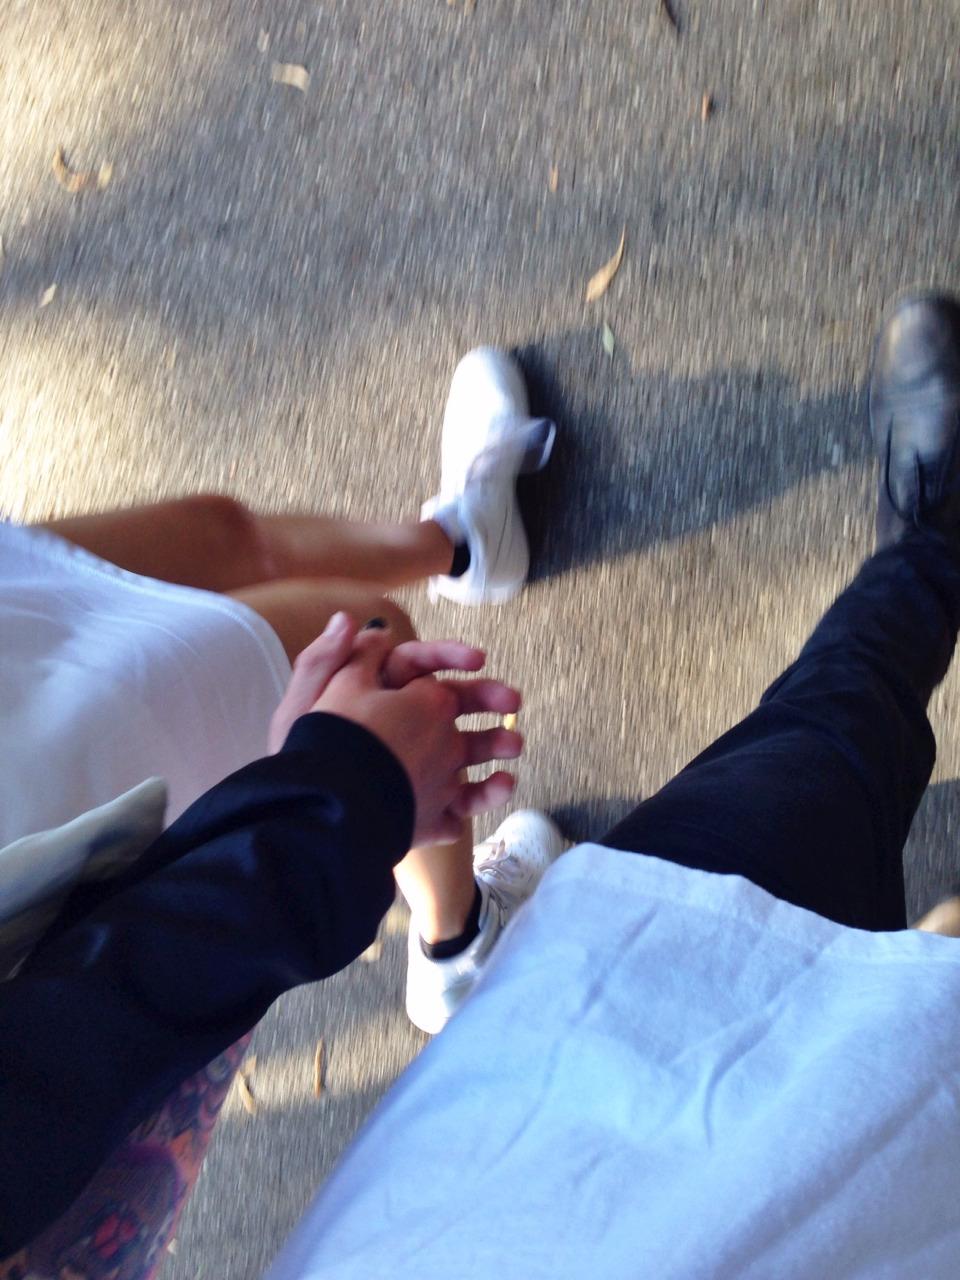 Ảnh đẹp nắm tay nhau cùng dạo phố